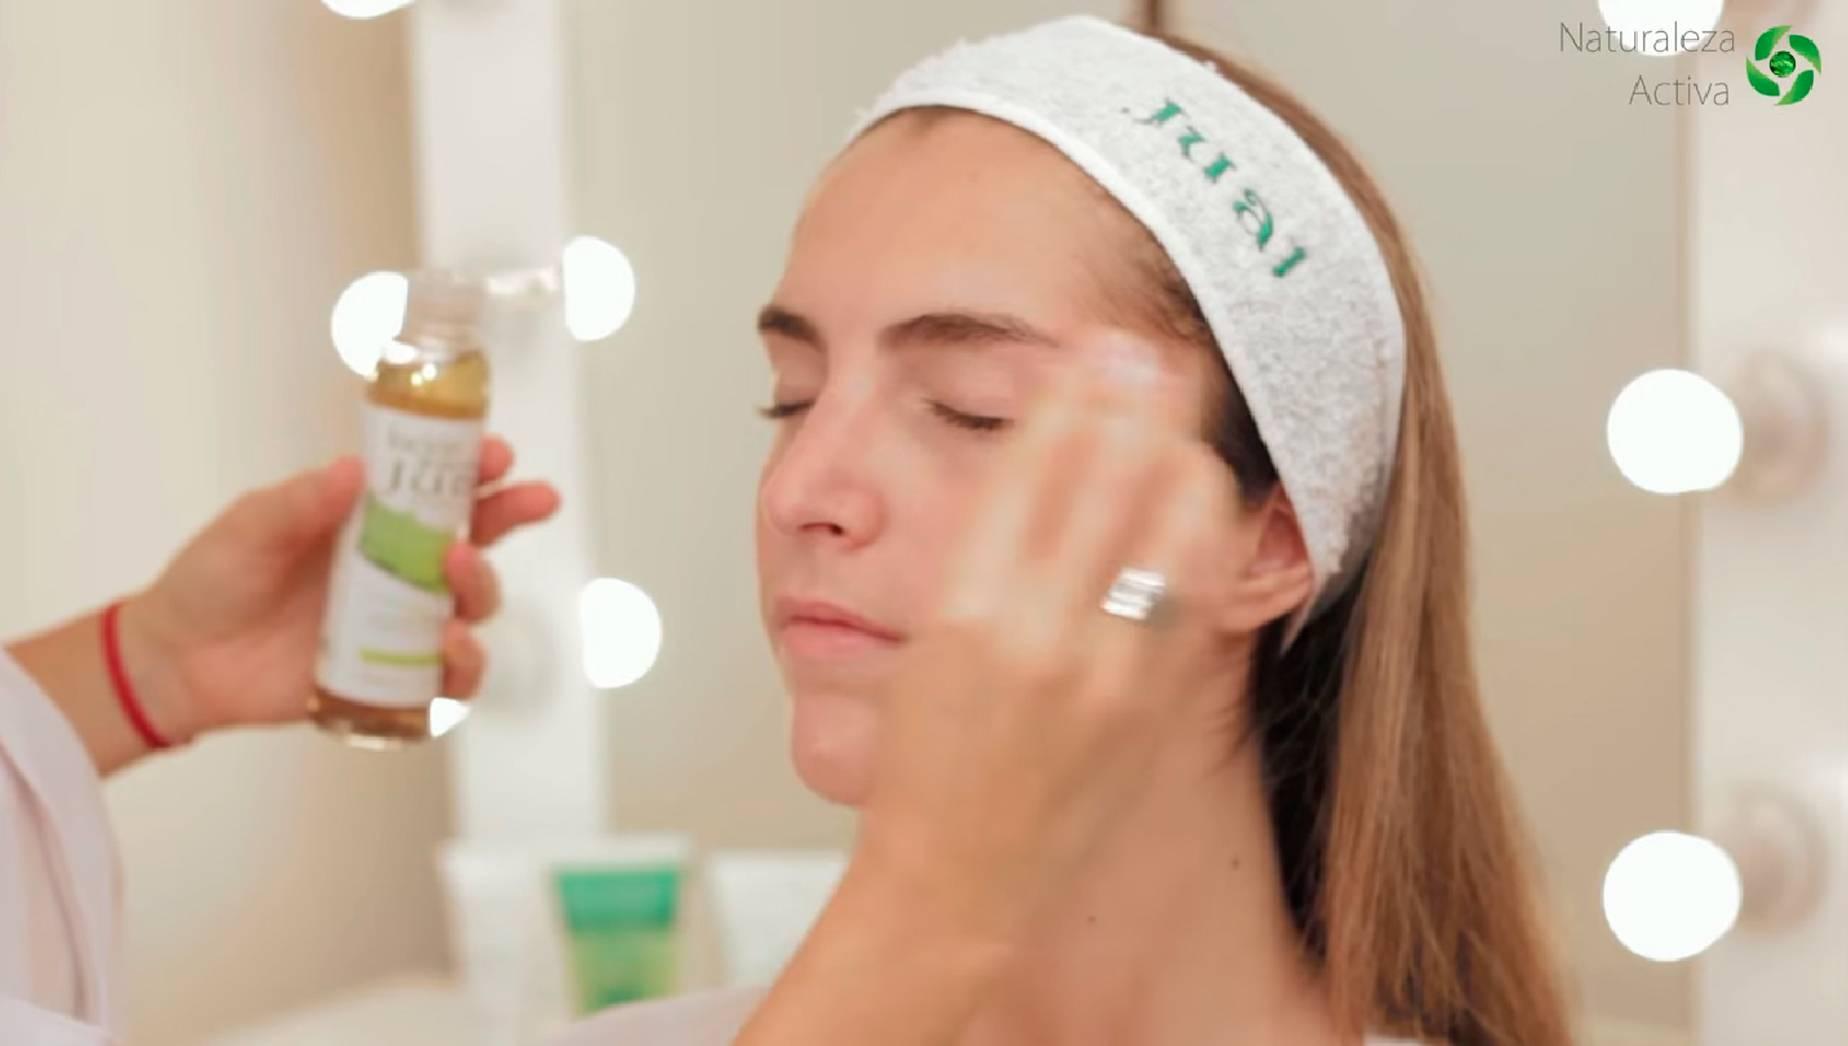 Tratamiento para preparar la piel antes del maquillaje